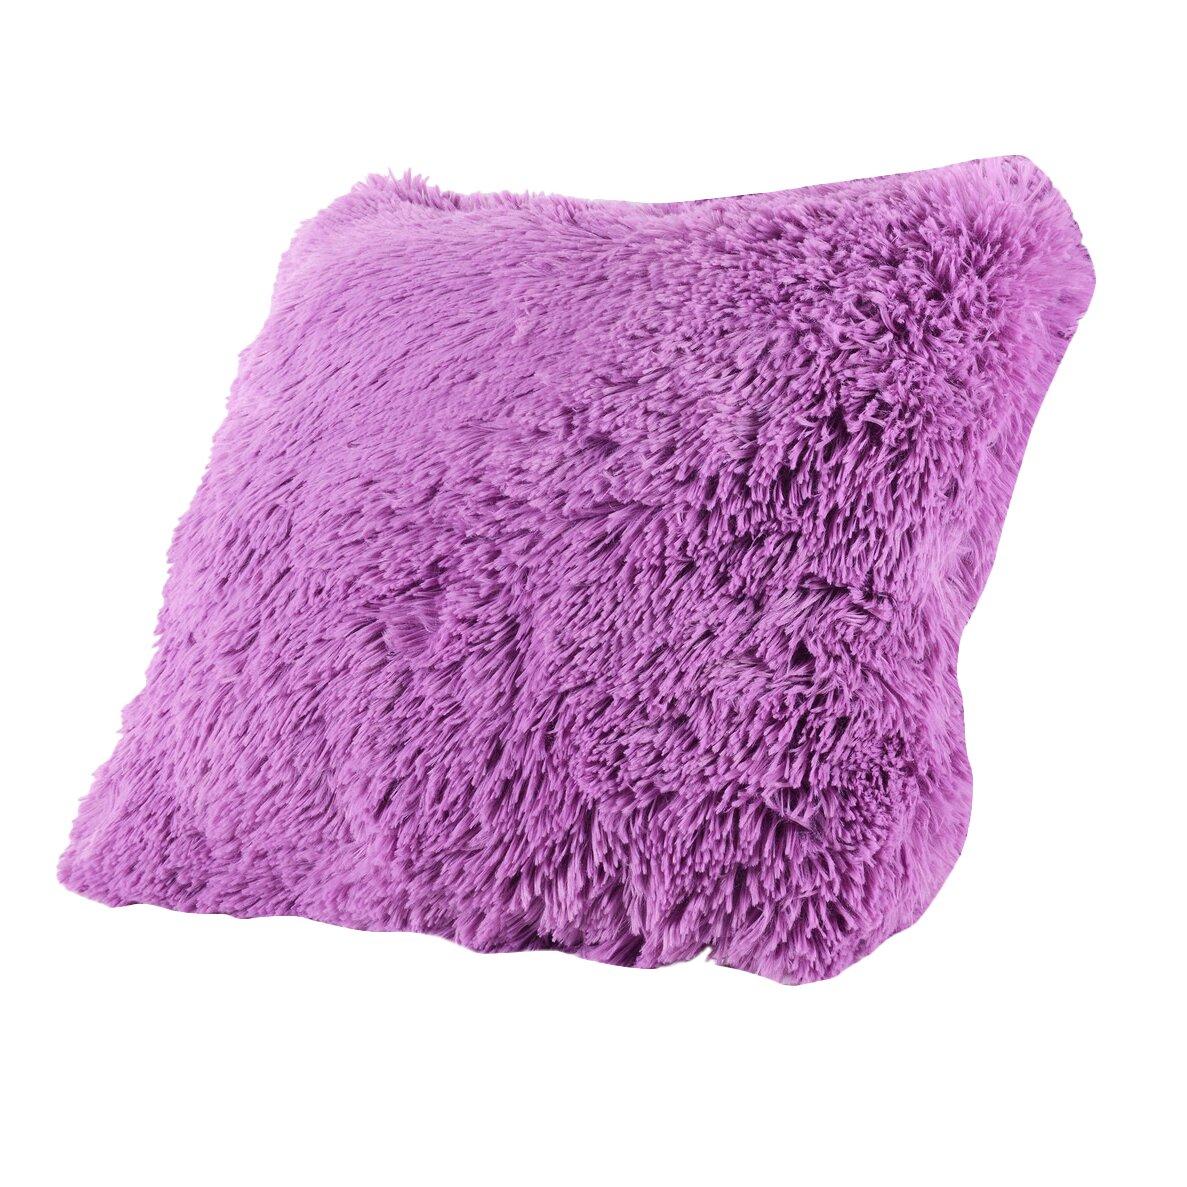 Big Comfortable Throw Pillows : Mercer41 Carnot Very Soft and Comfy Plush Throw Pillow & Reviews Wayfair.ca